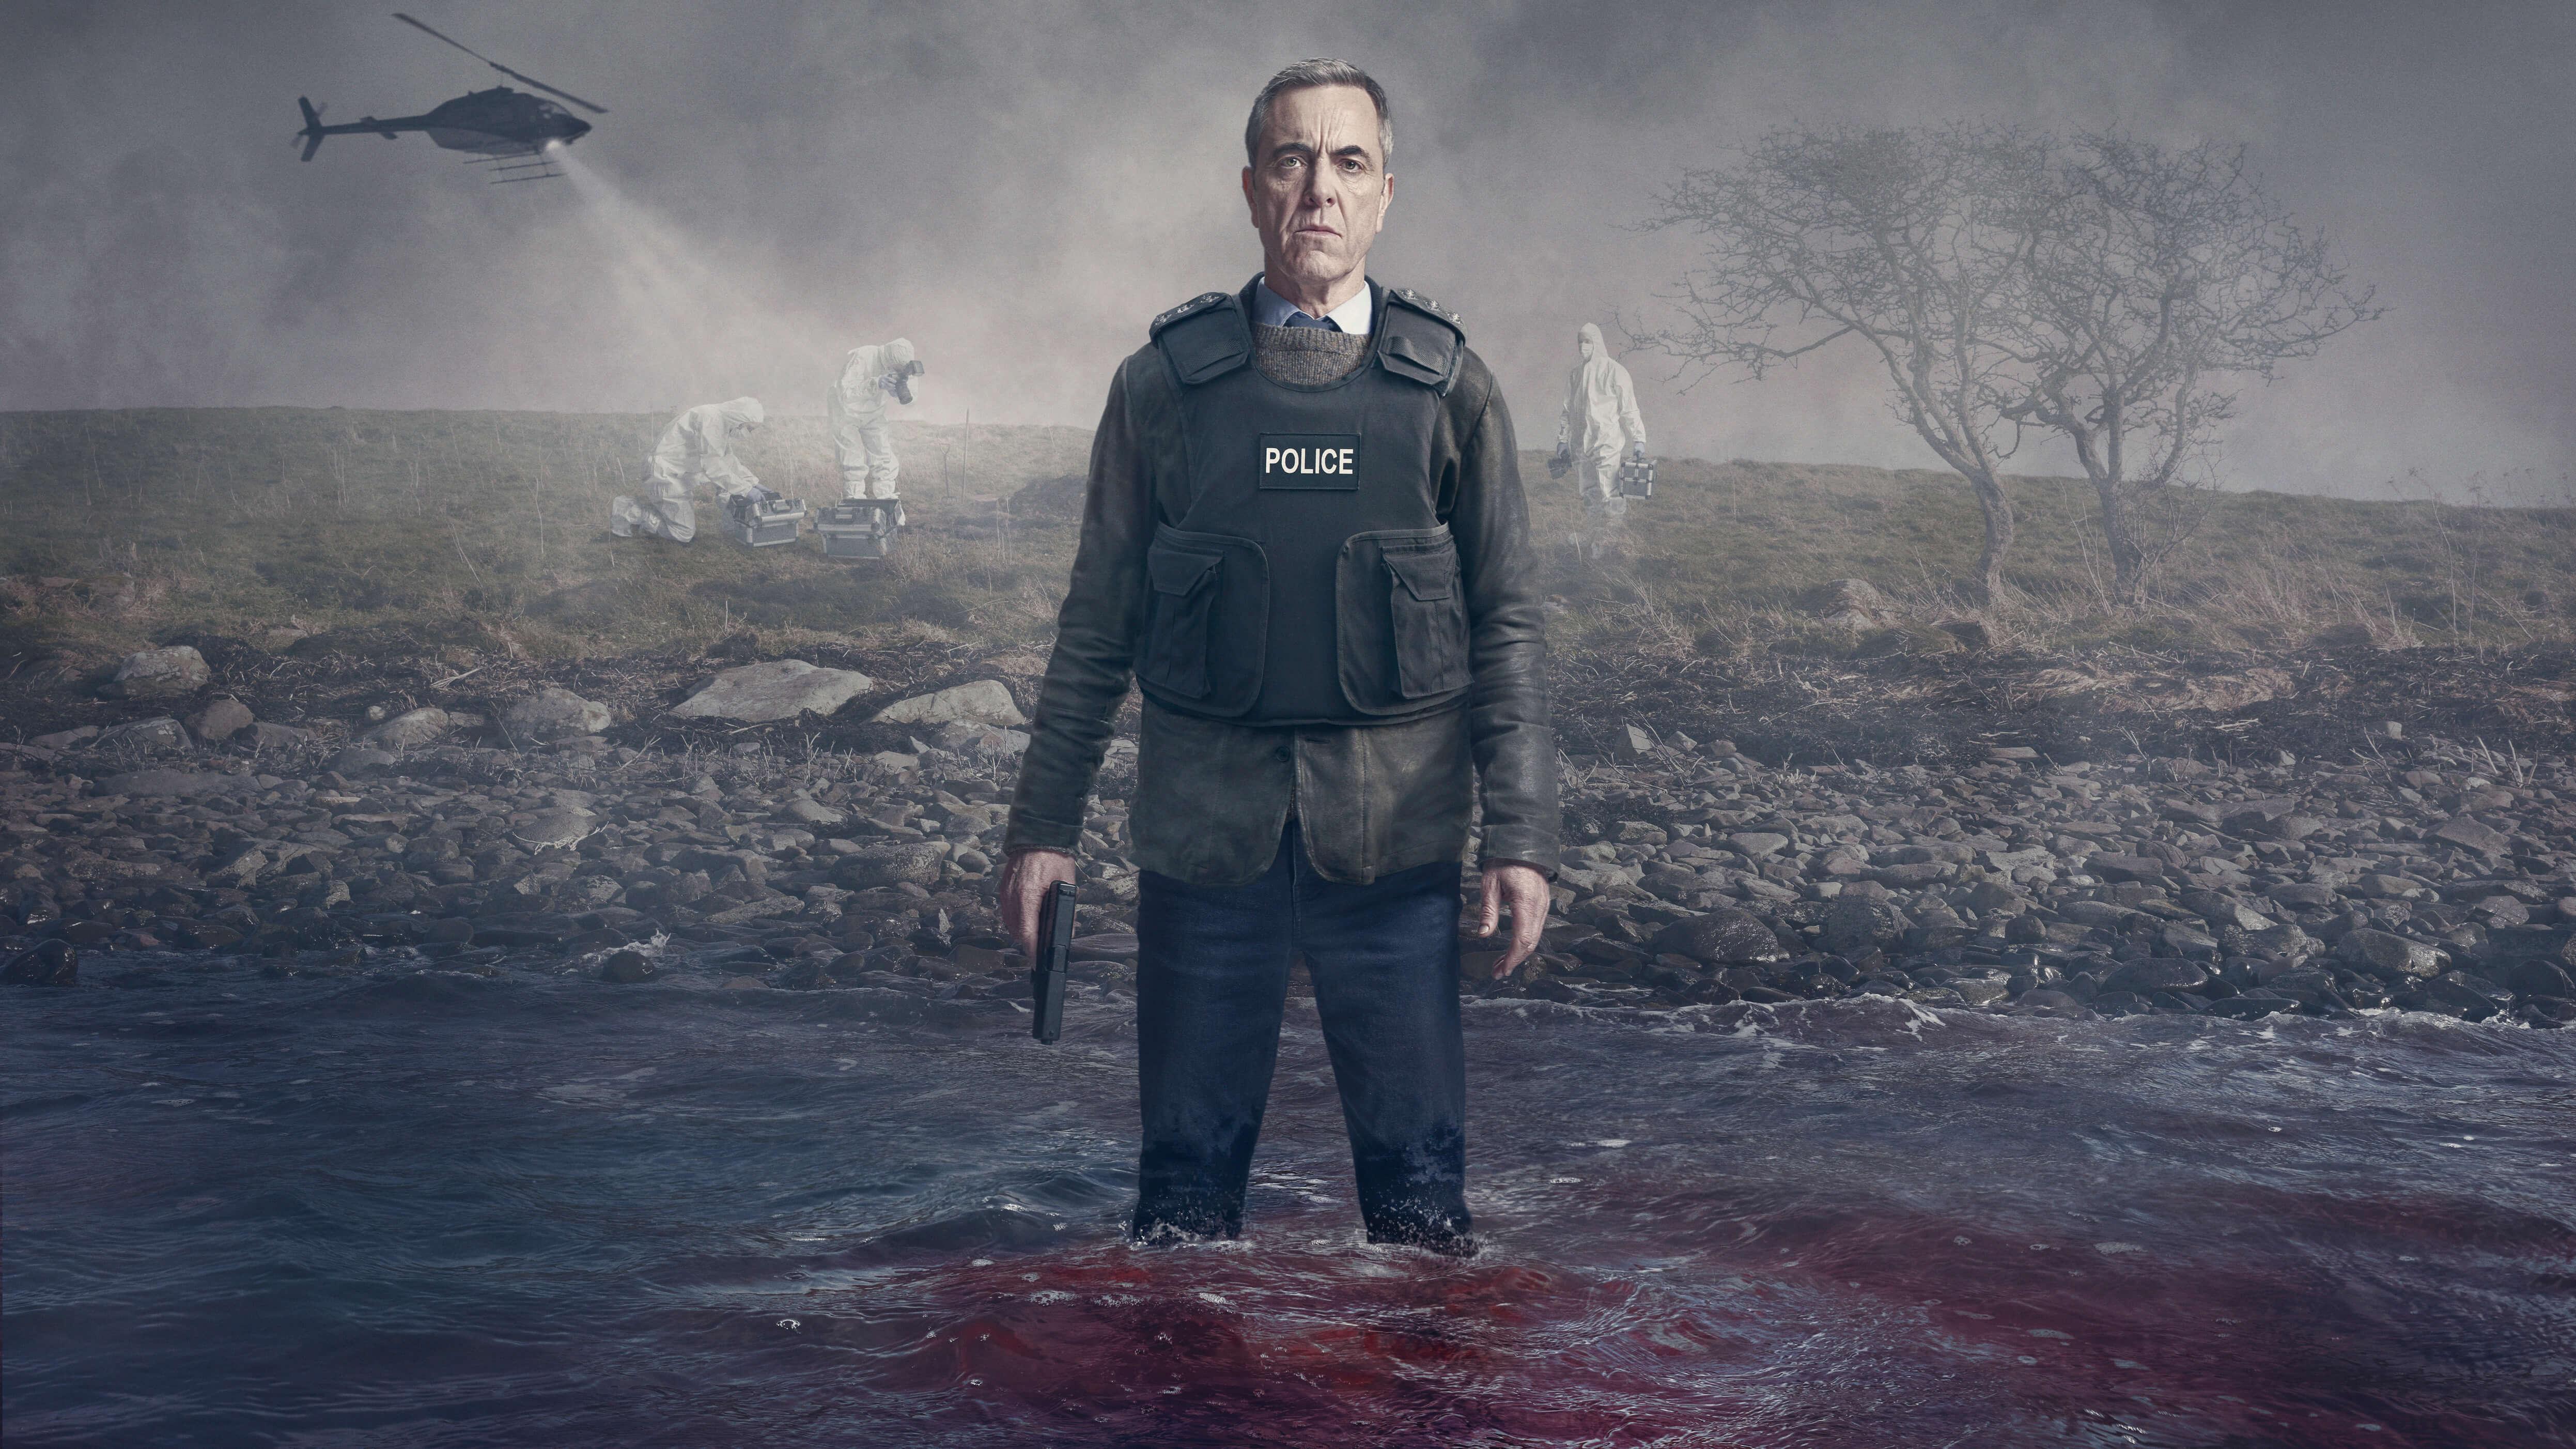 james nesbitt in police uniform holding a gun